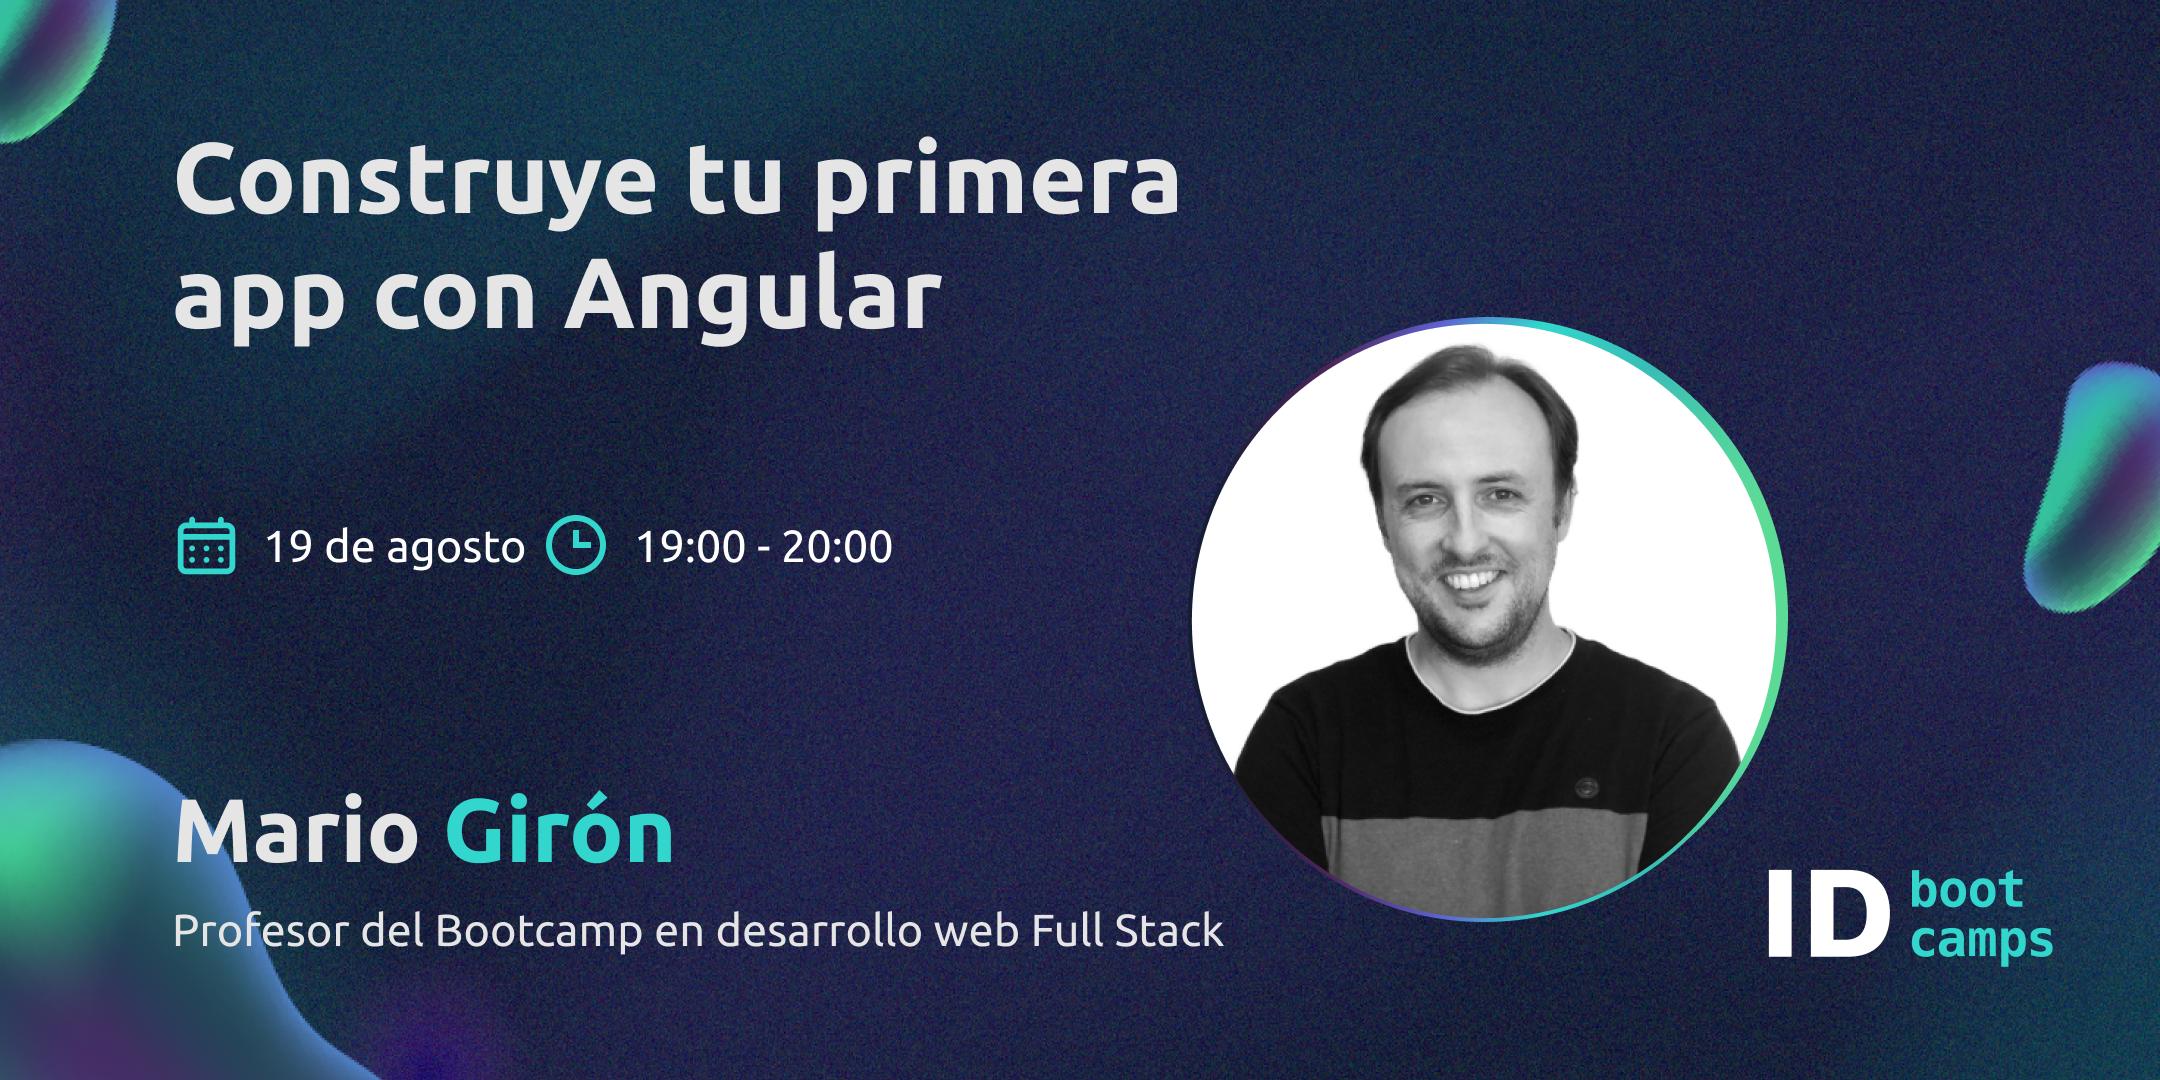 Evento ID Bootcamps. Crea tu primera app con Angular